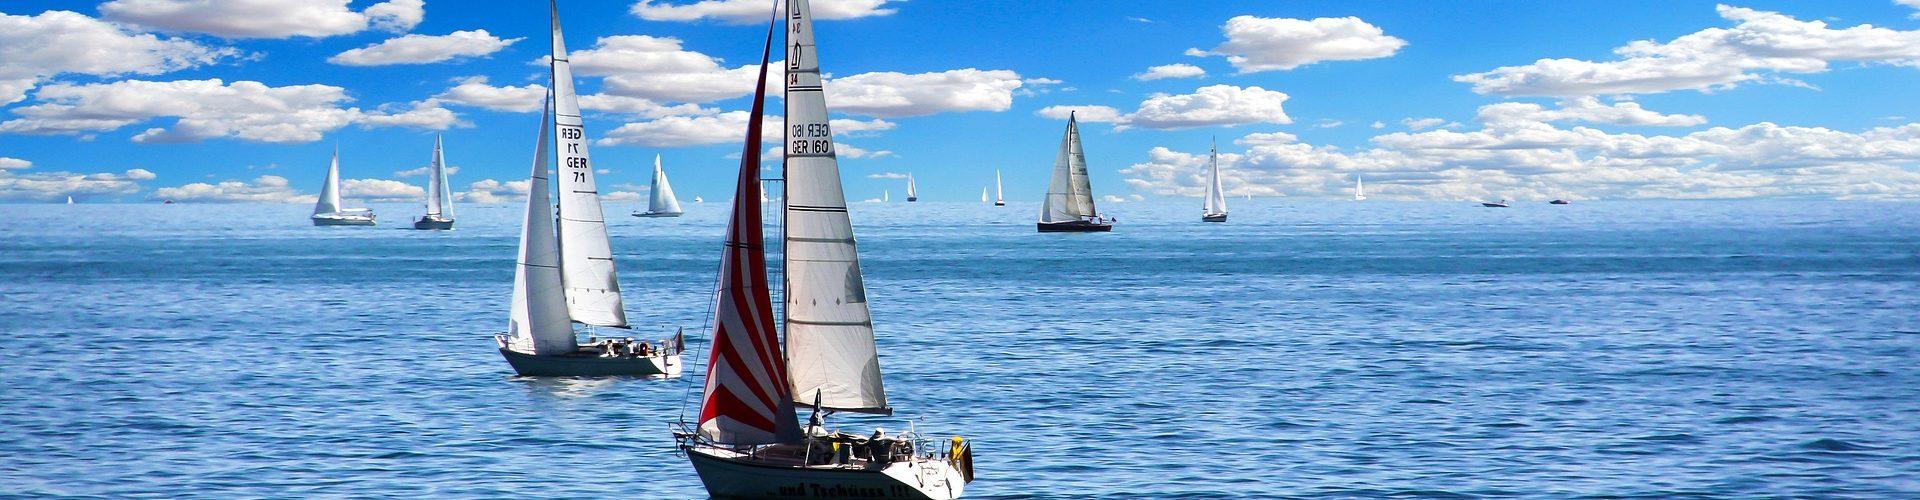 segeln lernen in Bad Saarow segelschein machen in Bad Saarow 1920x500 - Segeln lernen in Bad Saarow